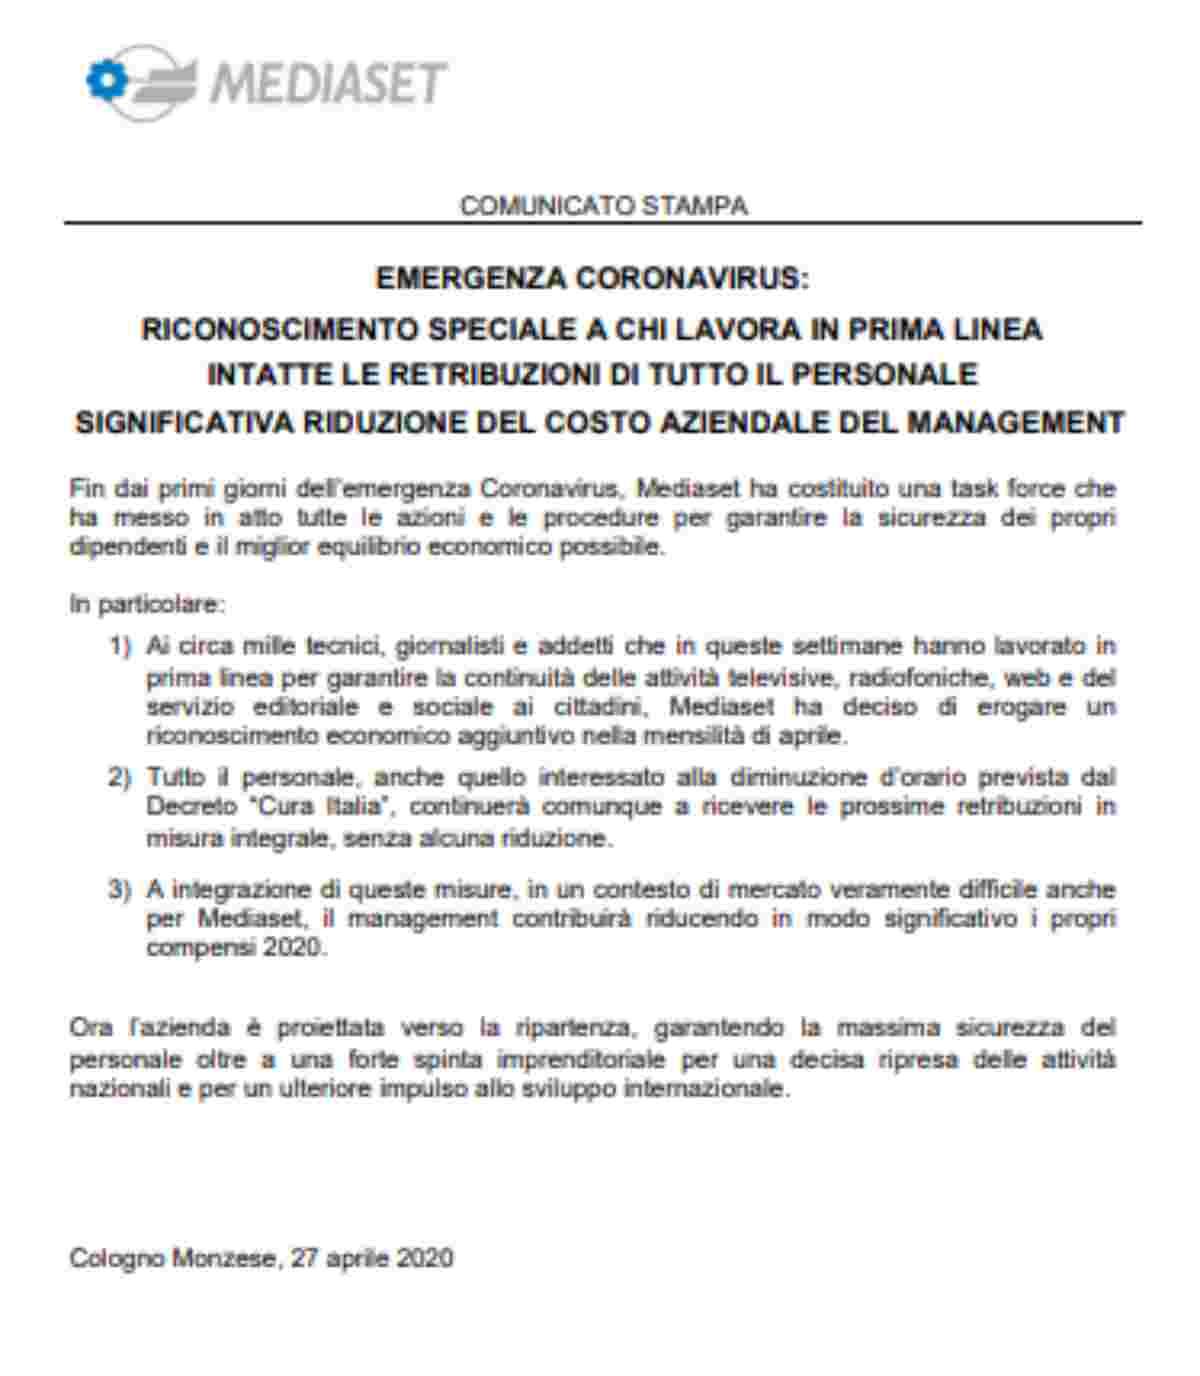 Il comunicato di Mediaset sul taglio degli stipendi dei manager e premio dei dipendenti